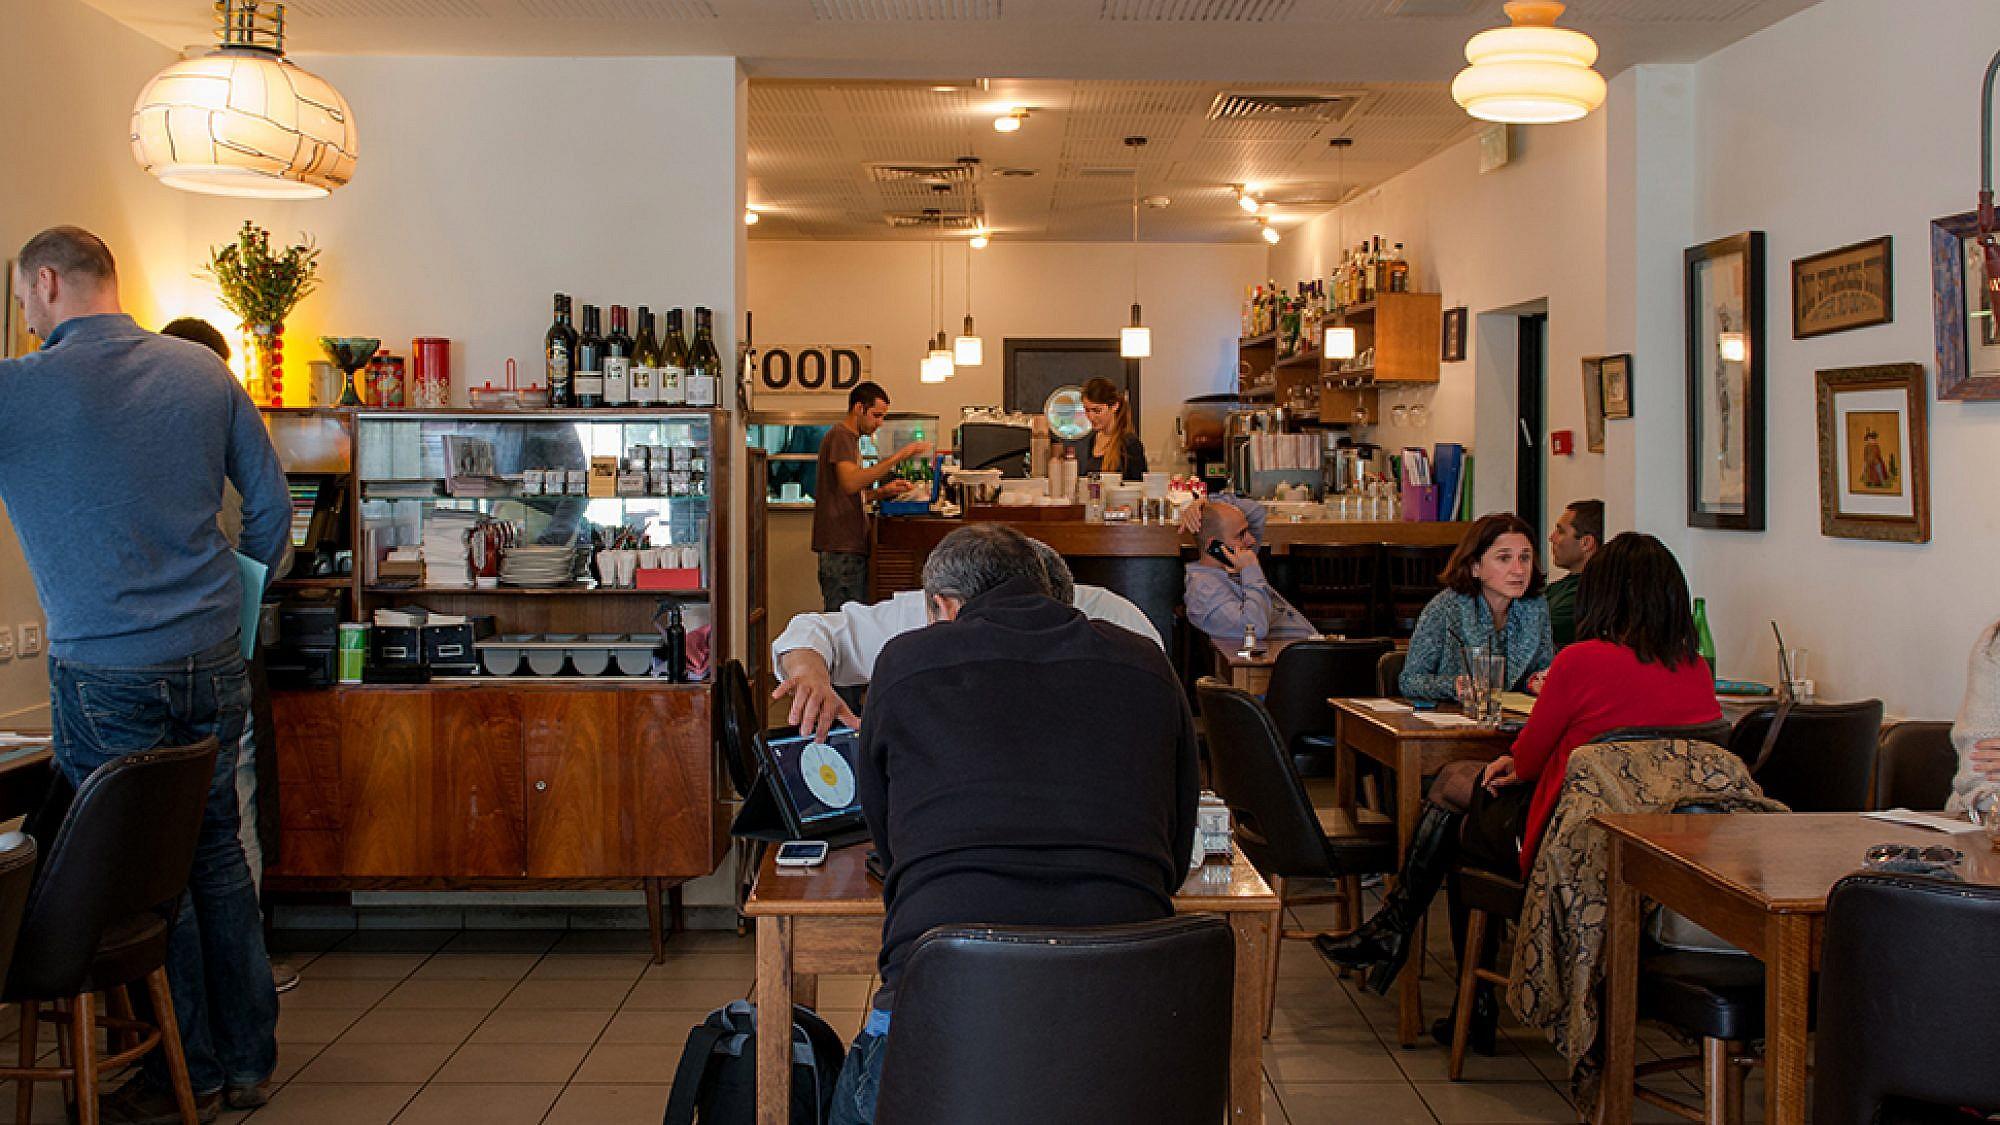 ביתא קפה (צילום: אפיק גבאי)